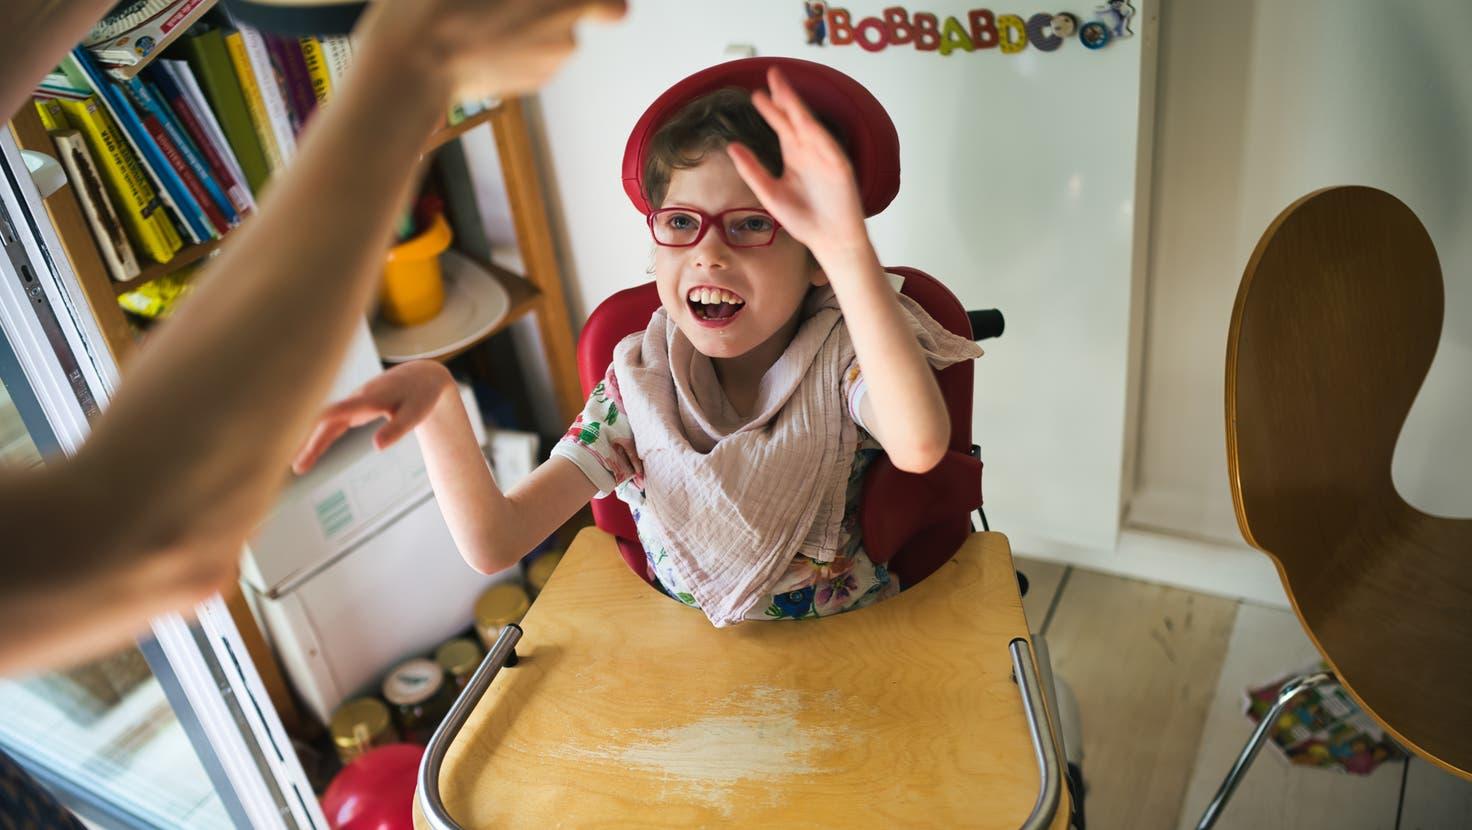 Kinder mit Beeinträchtigungen brauchen mehr Betreuung und Pflege – nur wenige Institutionen bieten das. (Bild: Getty)